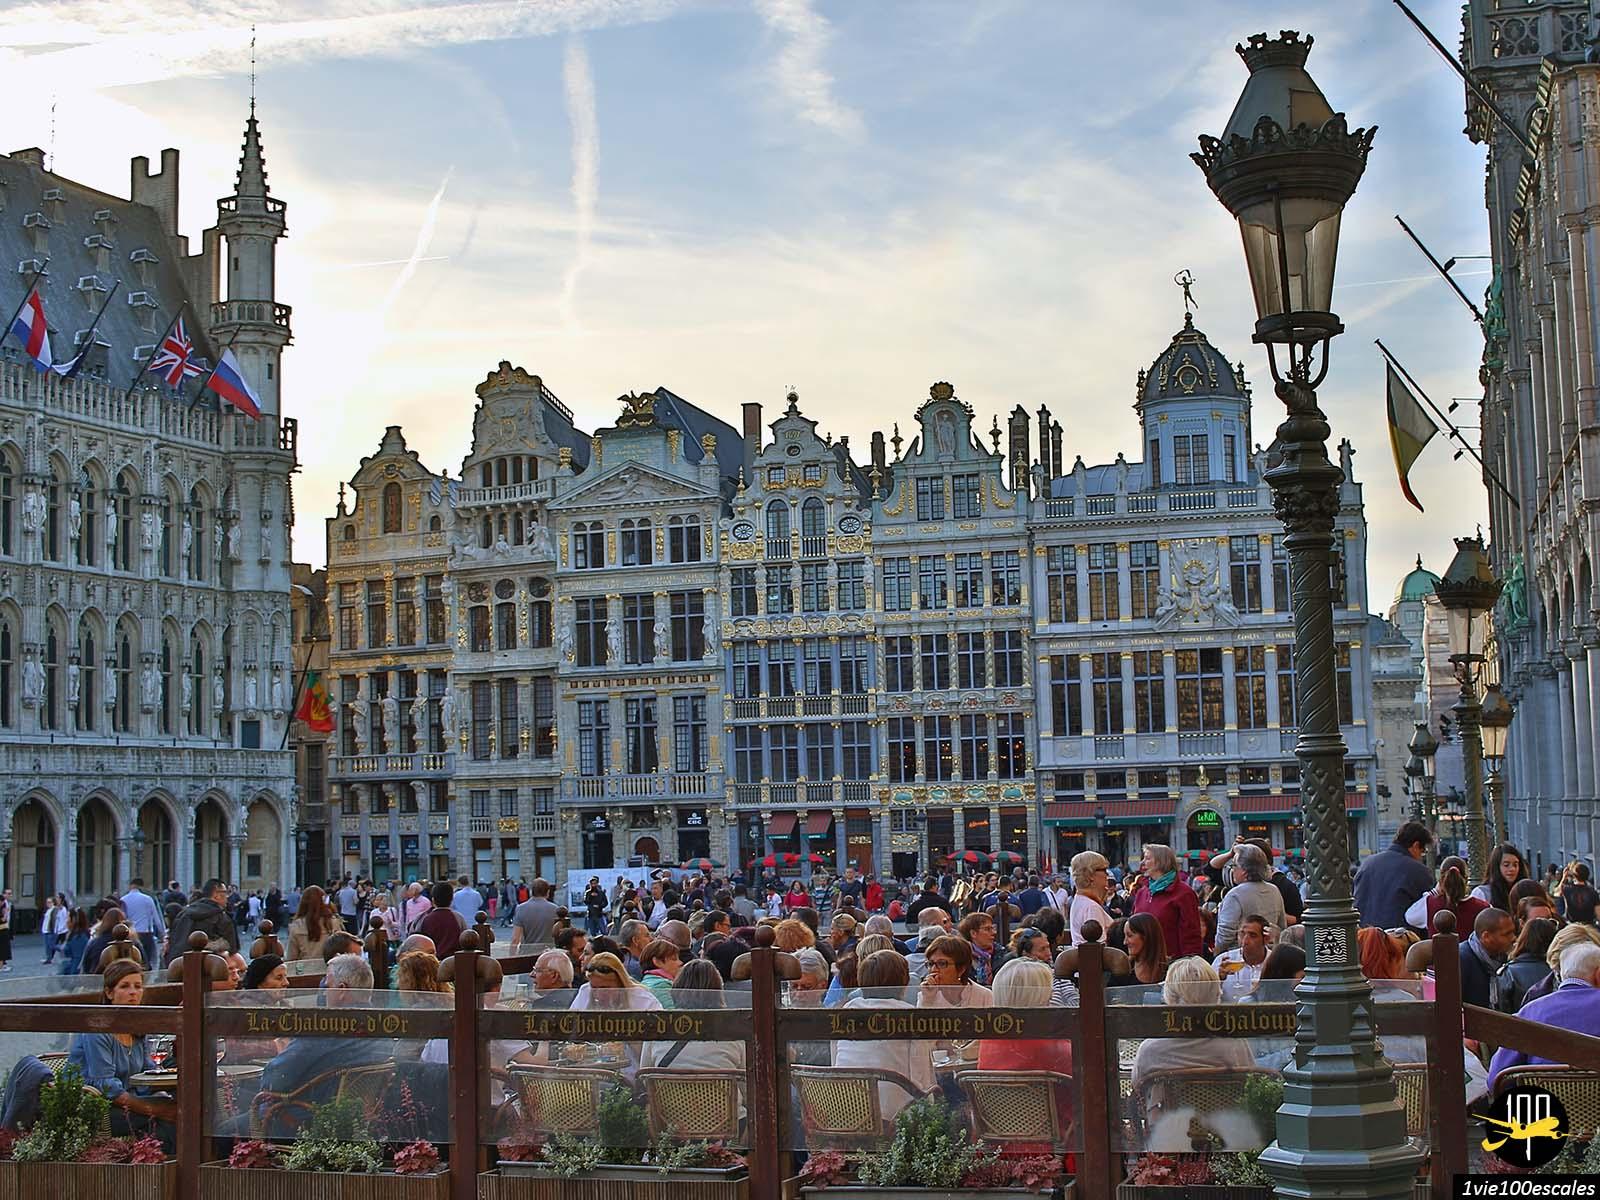 Escale #084 Bruxelles